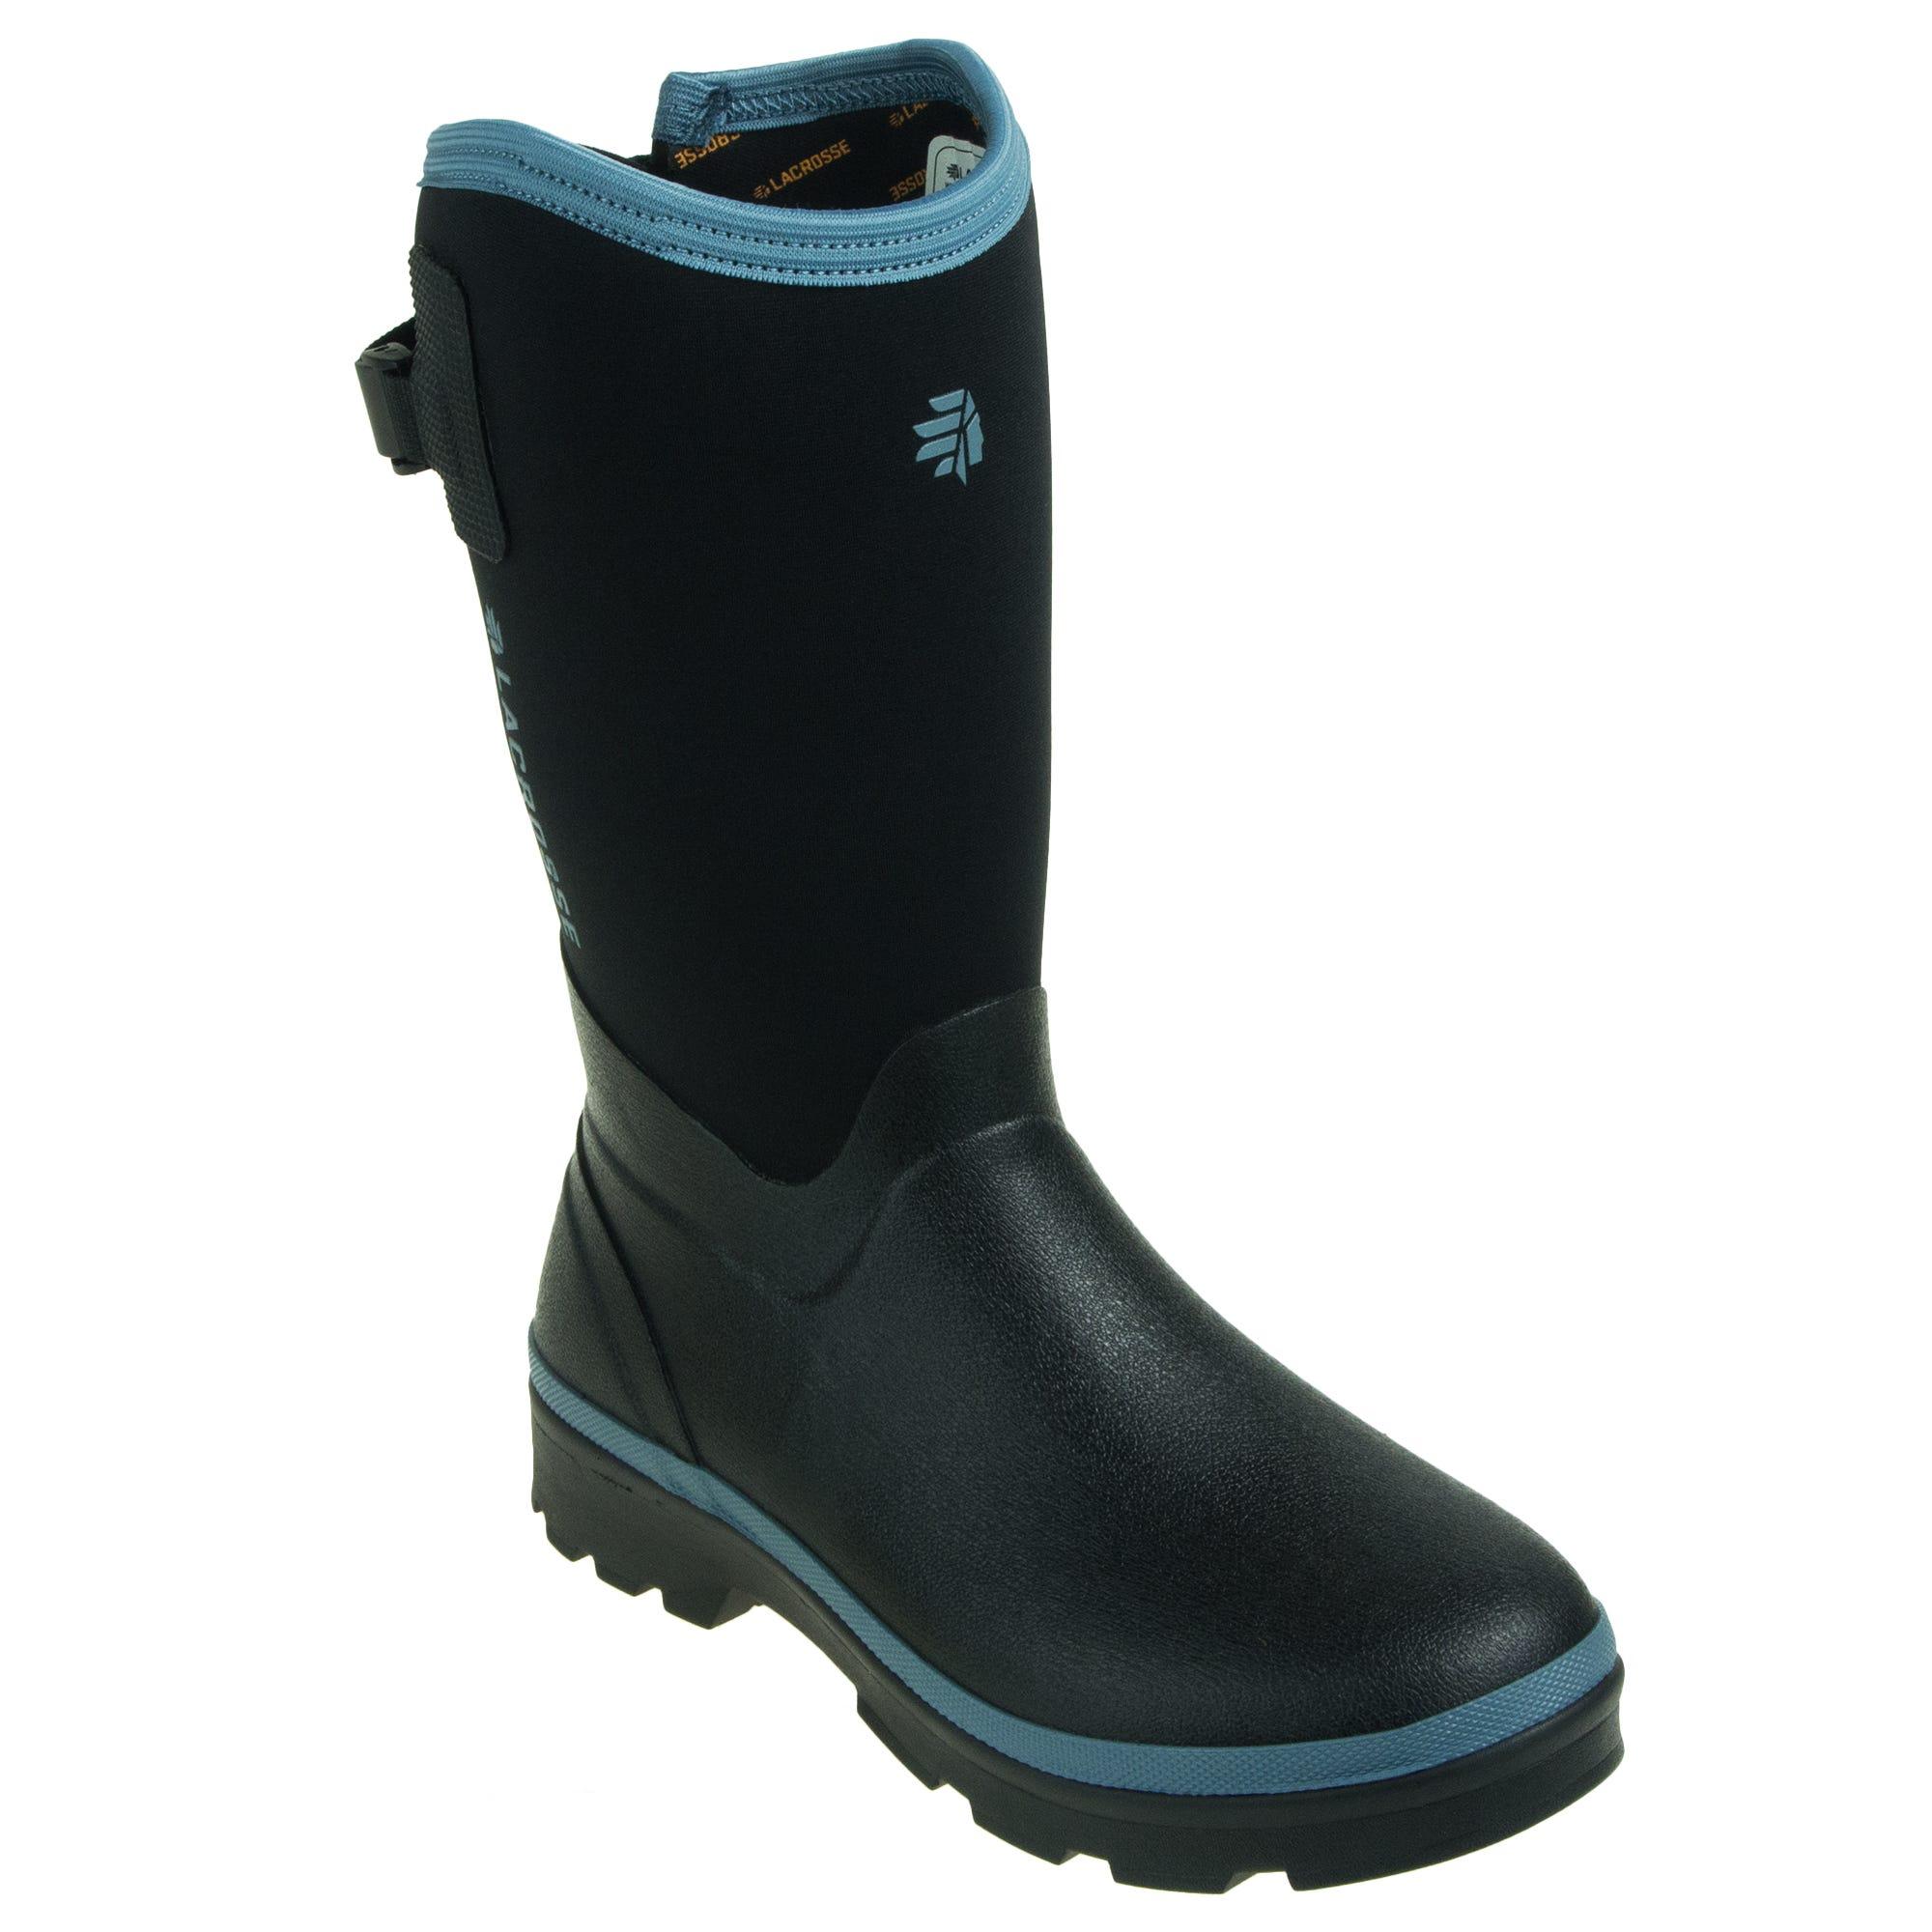 LaCrosse Women's Black 602244 Alpha Range Work Boots